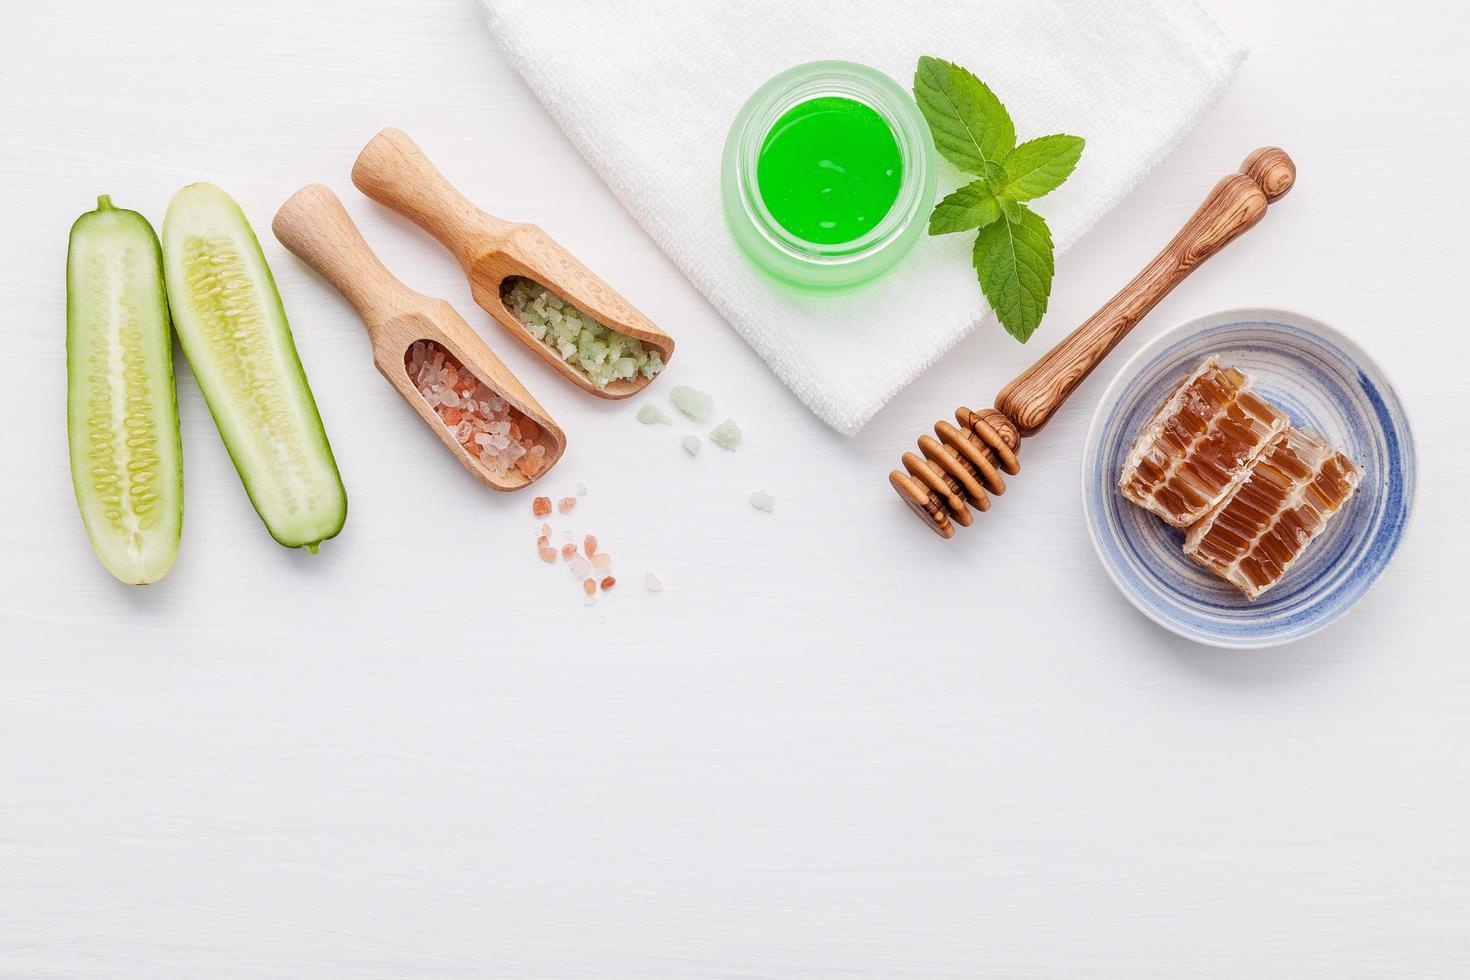 productos naturales para el cuidado de la piel a base de hierbas foto